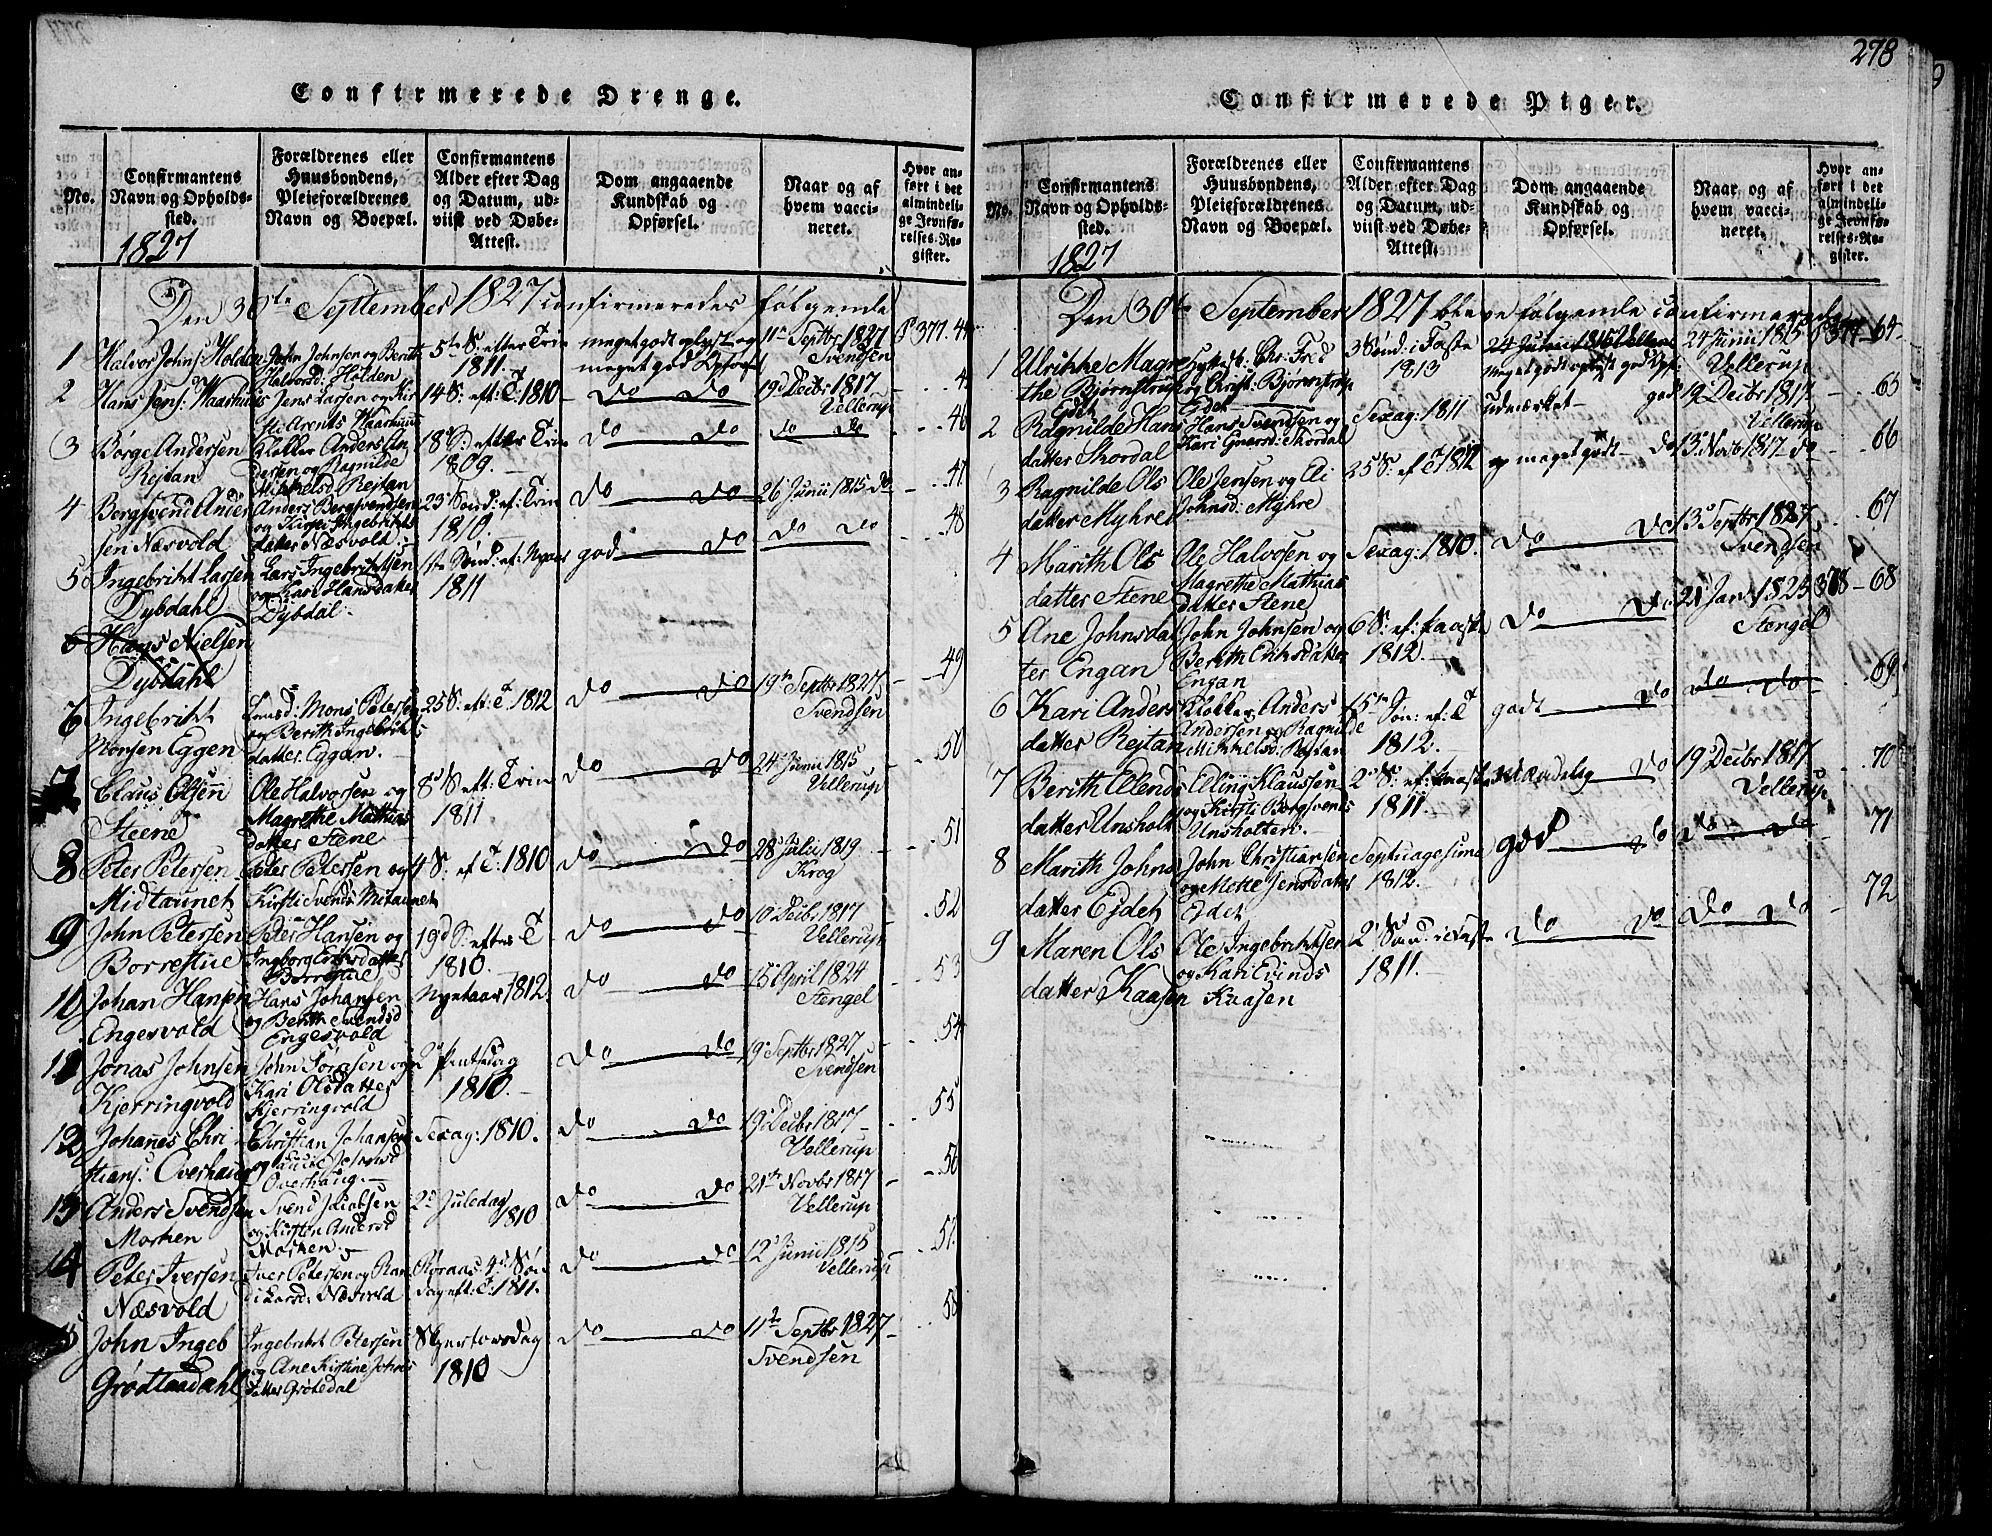 SAT, Ministerialprotokoller, klokkerbøker og fødselsregistre - Sør-Trøndelag, 685/L0956: Ministerialbok nr. 685A03 /3, 1817-1829, s. 278